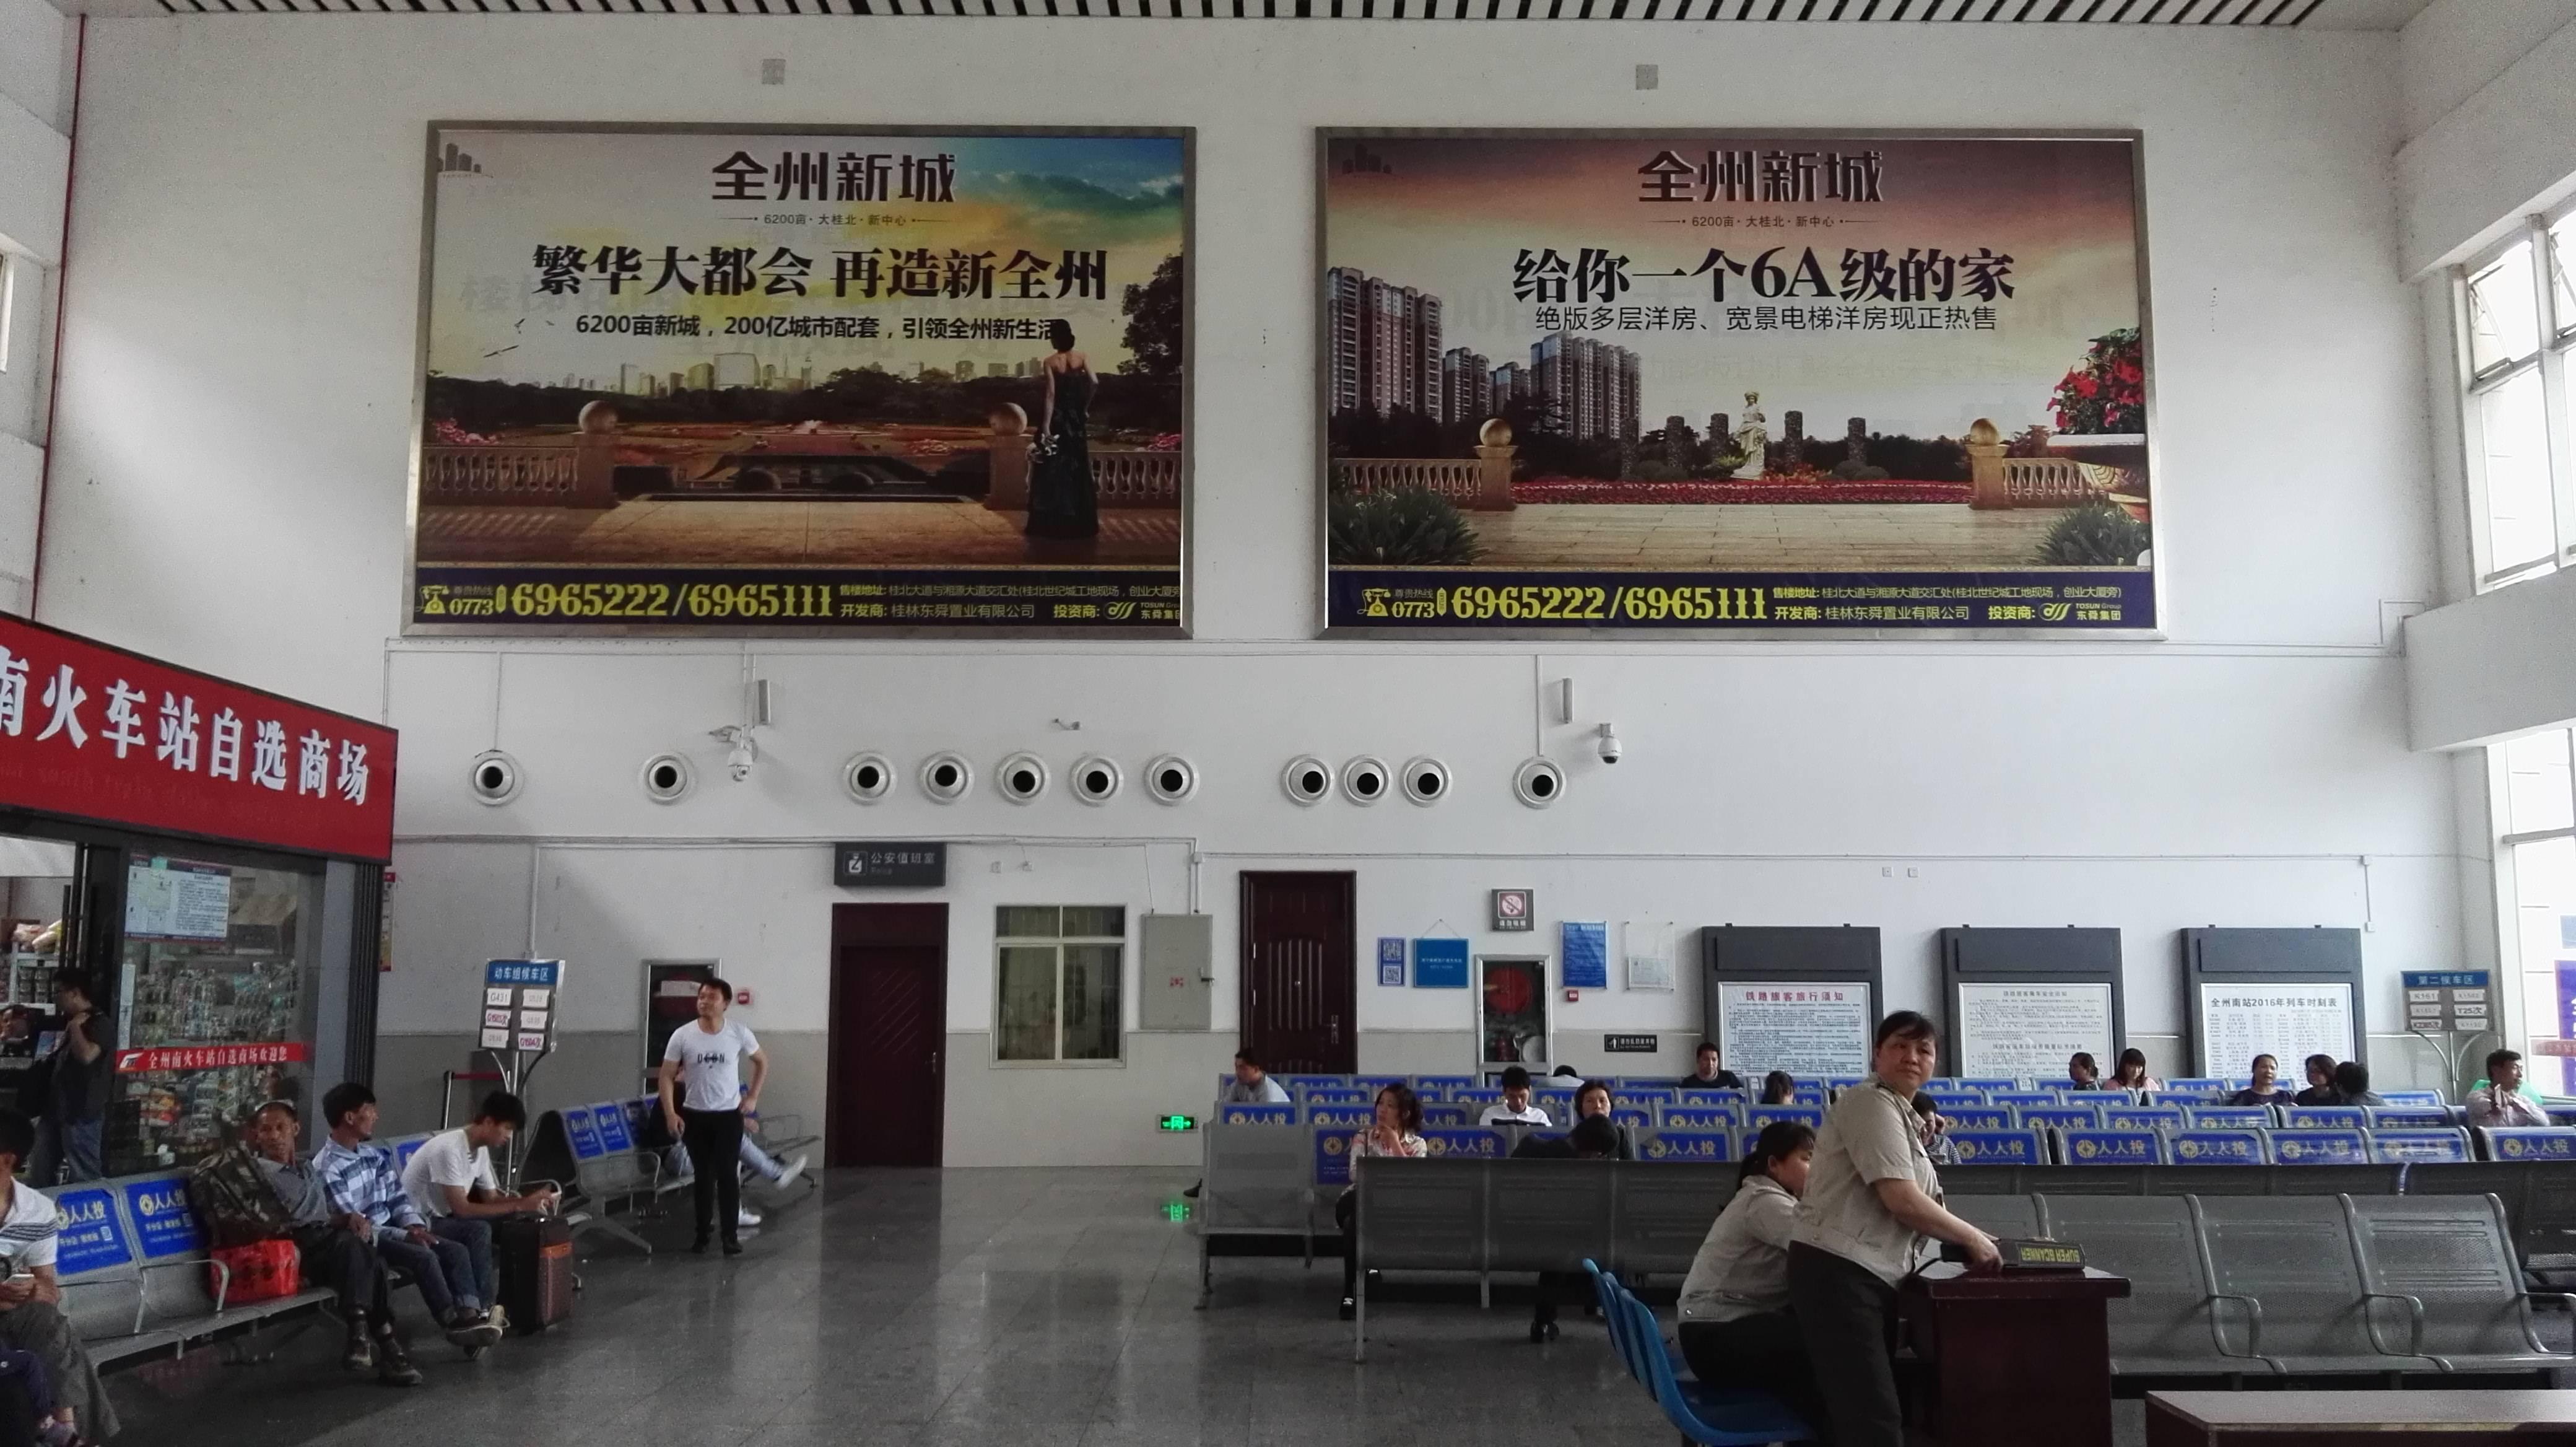 广西桂林市全州南站火车站高铁站候车大厅灯箱媒体广告位